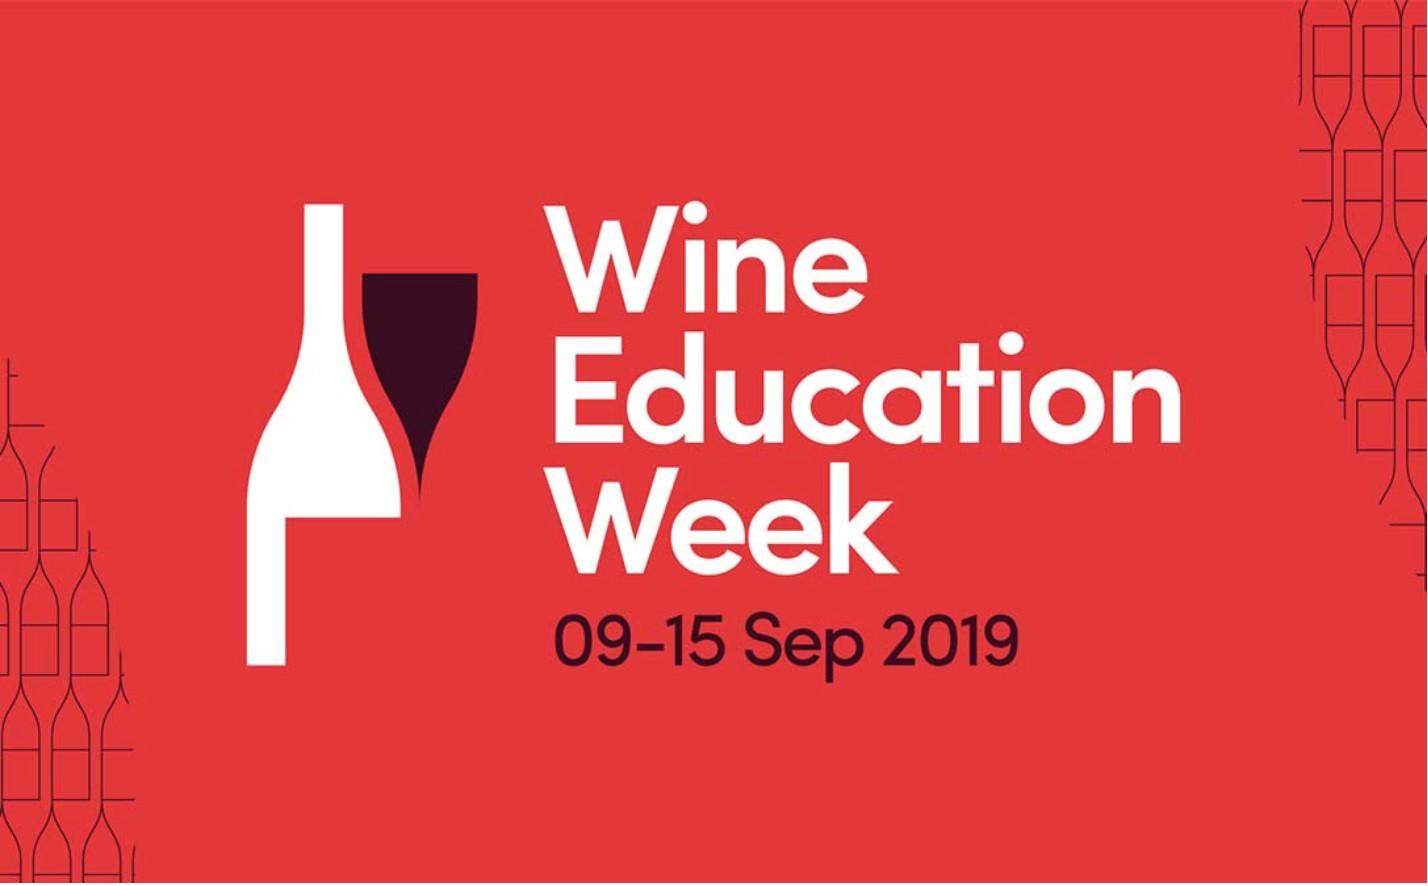 Wine Education Week 09-15 Sep 2019. Logo.